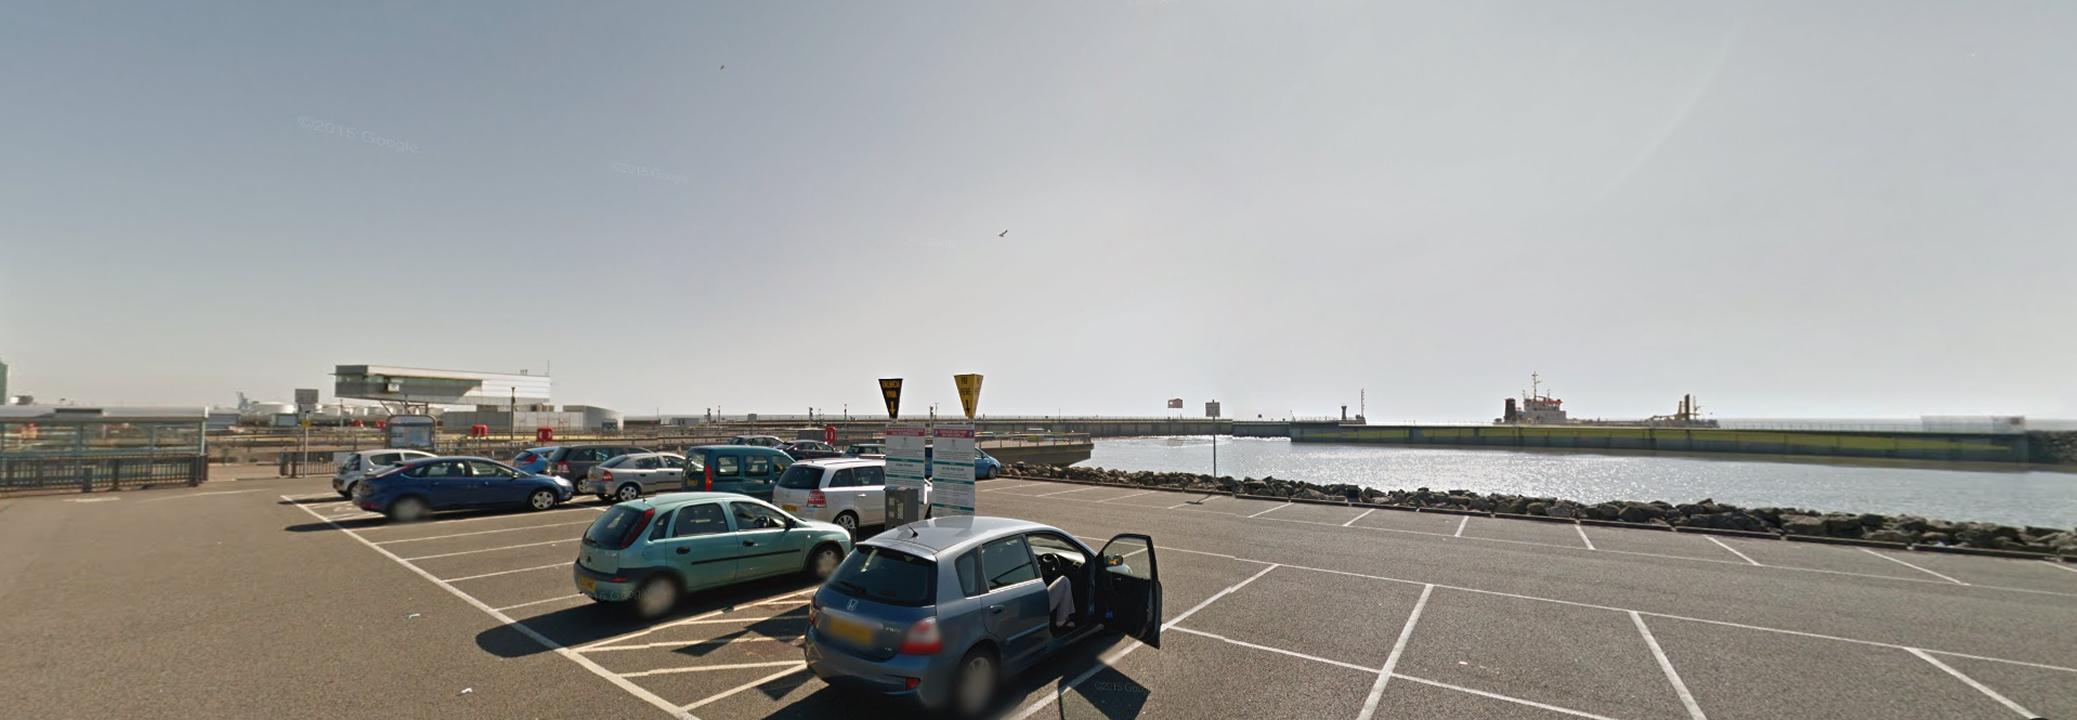 Cardiff Bay Barrage Car Park